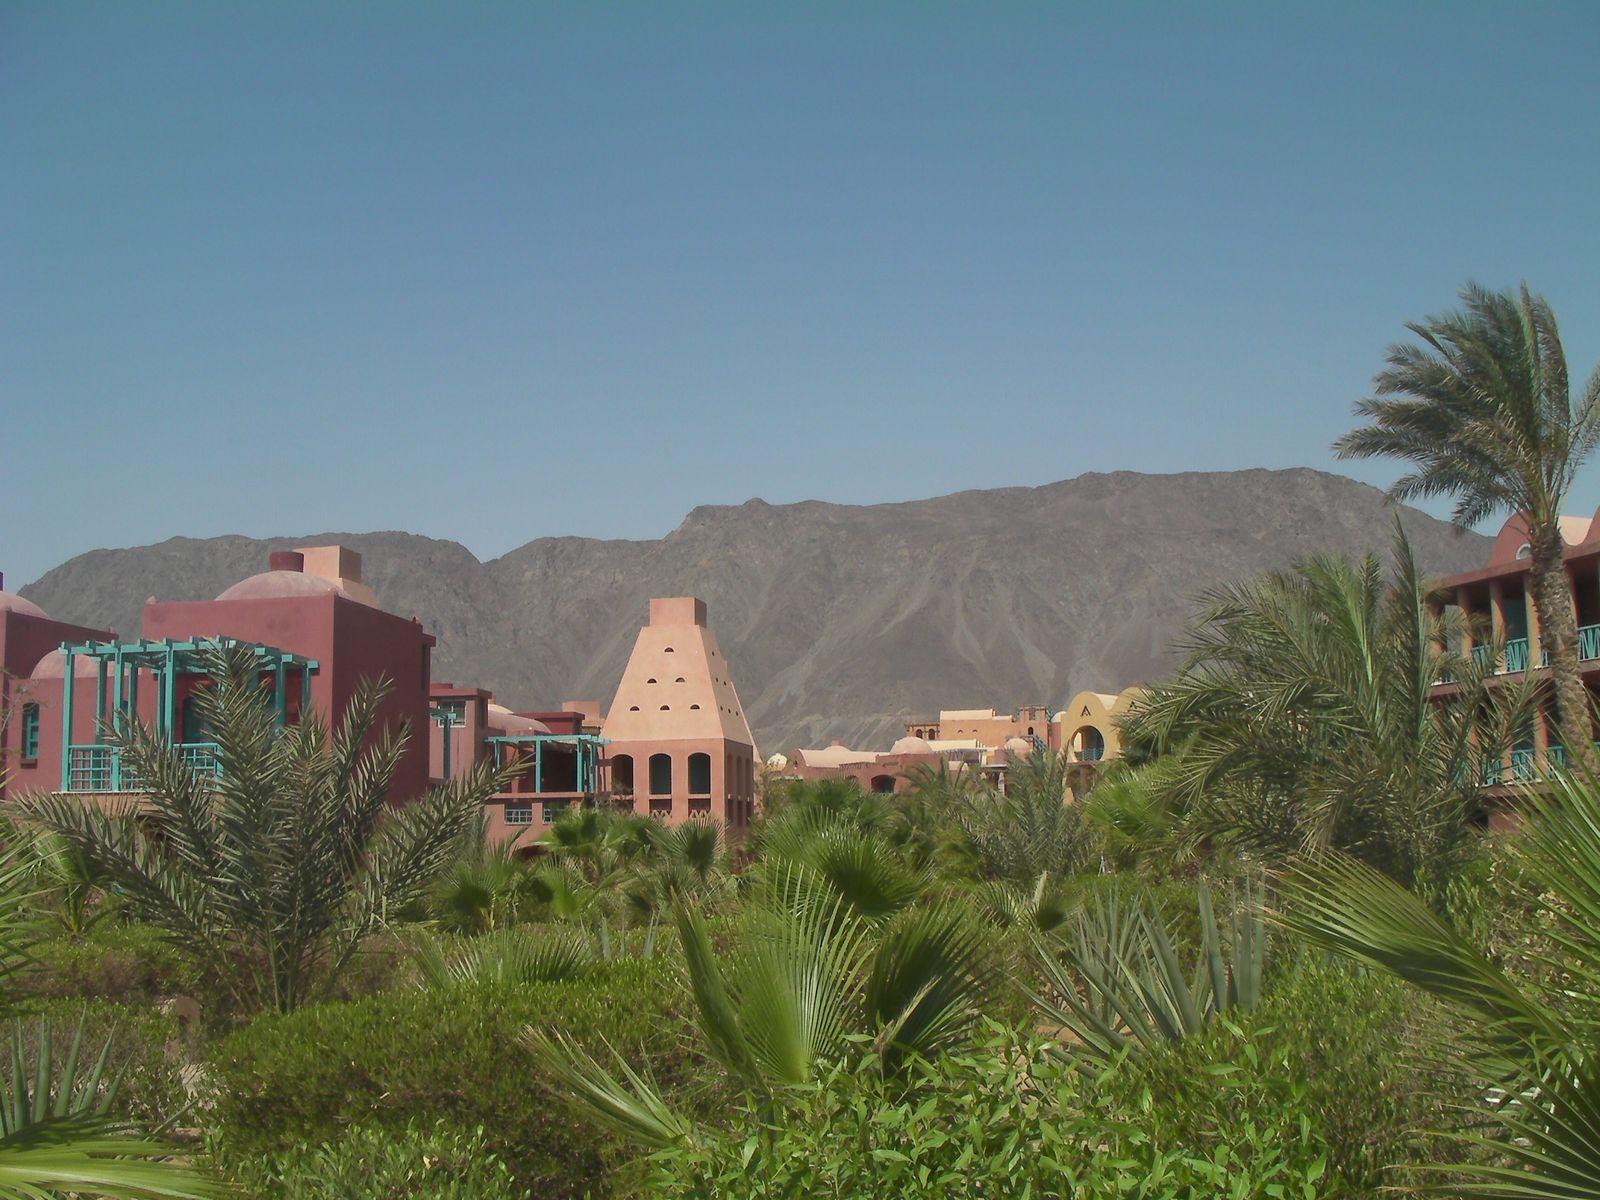 vue extérieur de l'hotel